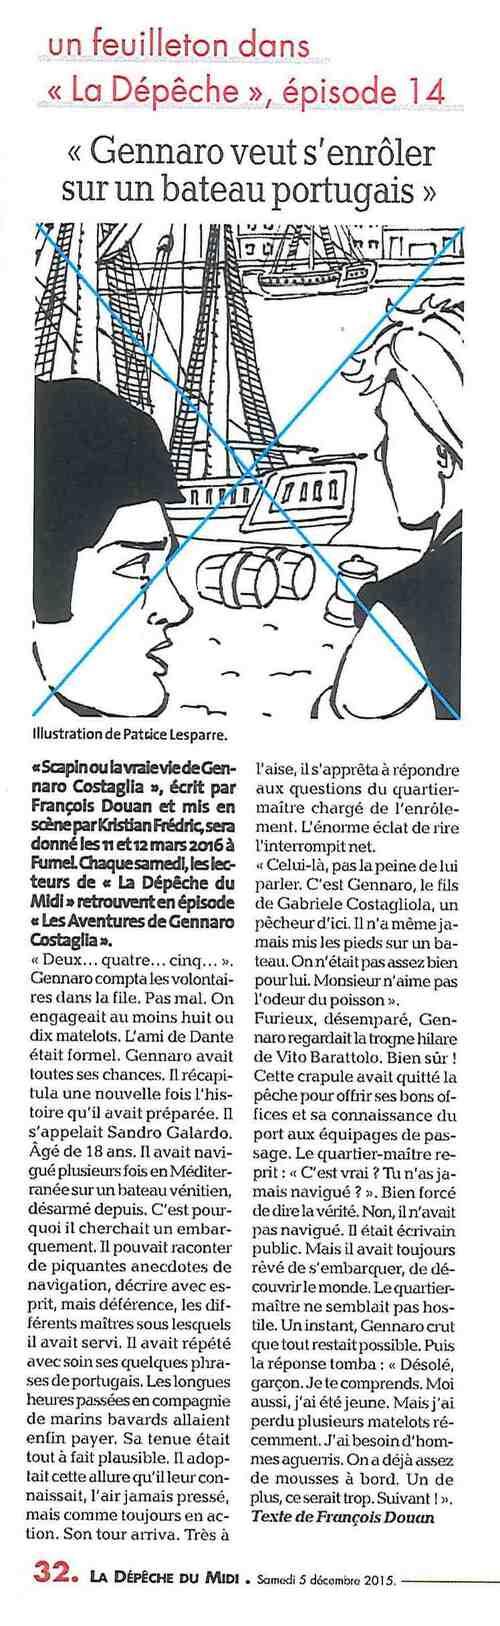 Les aventures de Gennaro Costagliola / Episode 14 / La dépêche